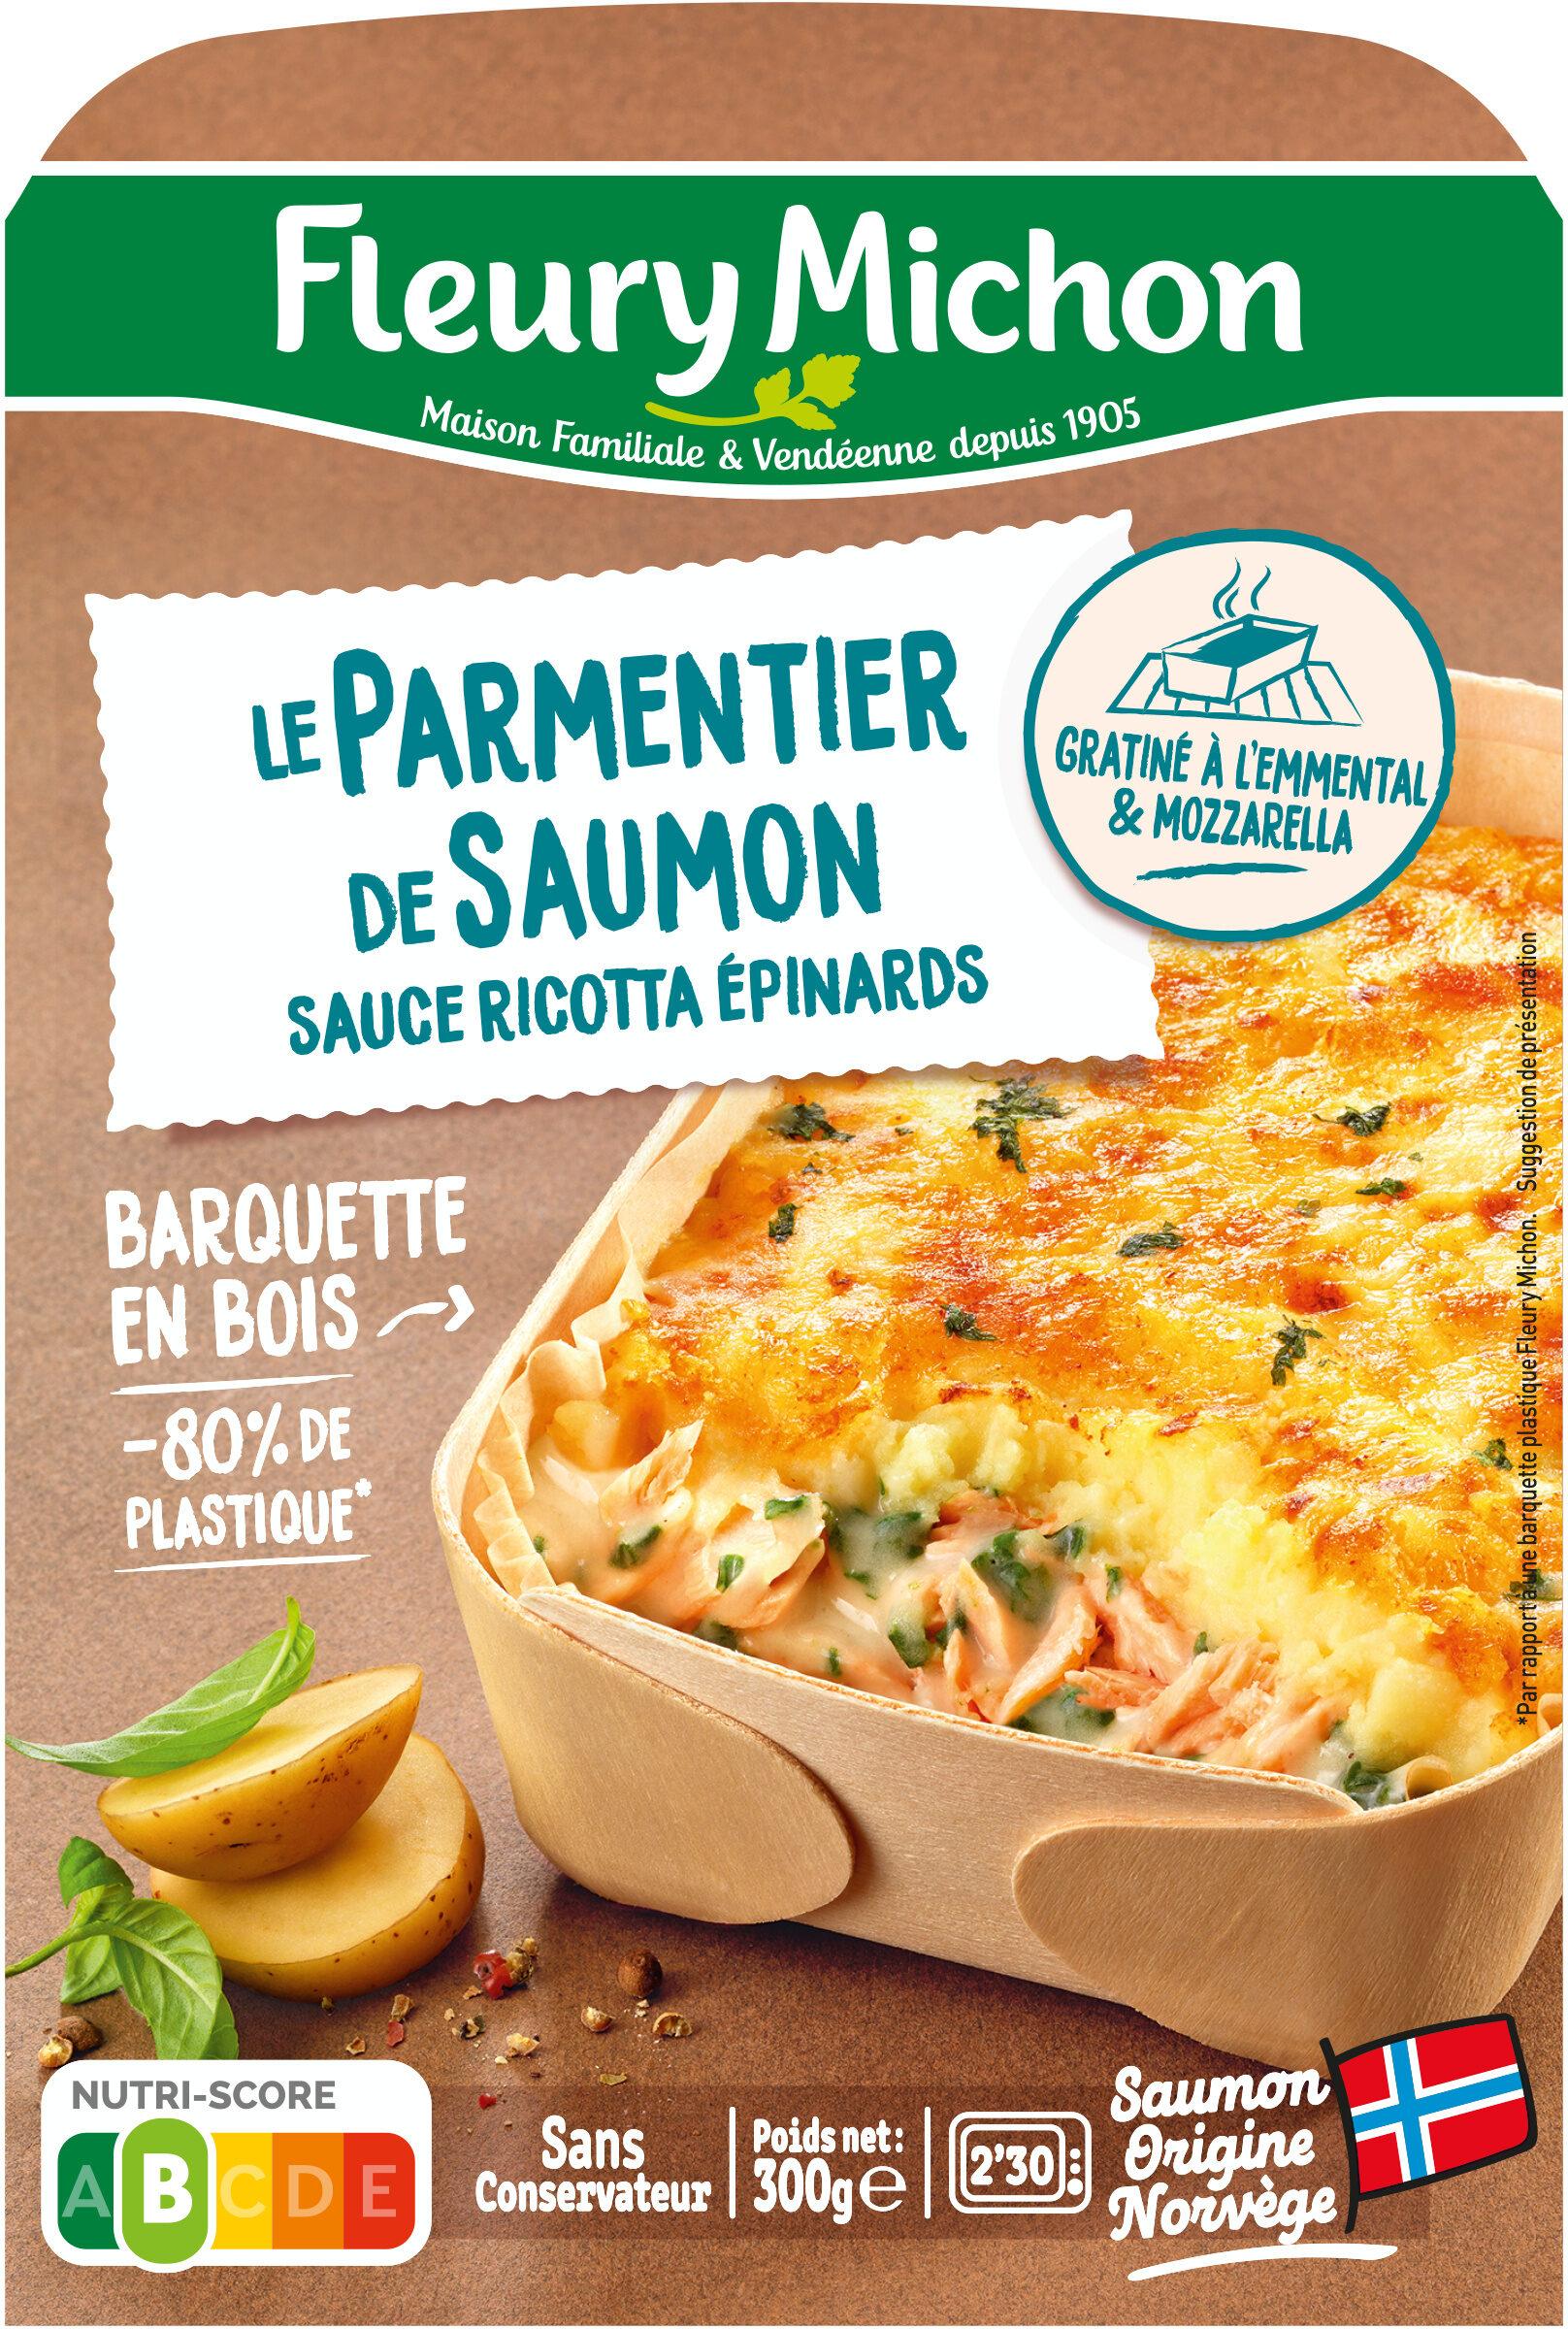 Le Parmentier de saumon sauce ricotta épinards - Product - fr